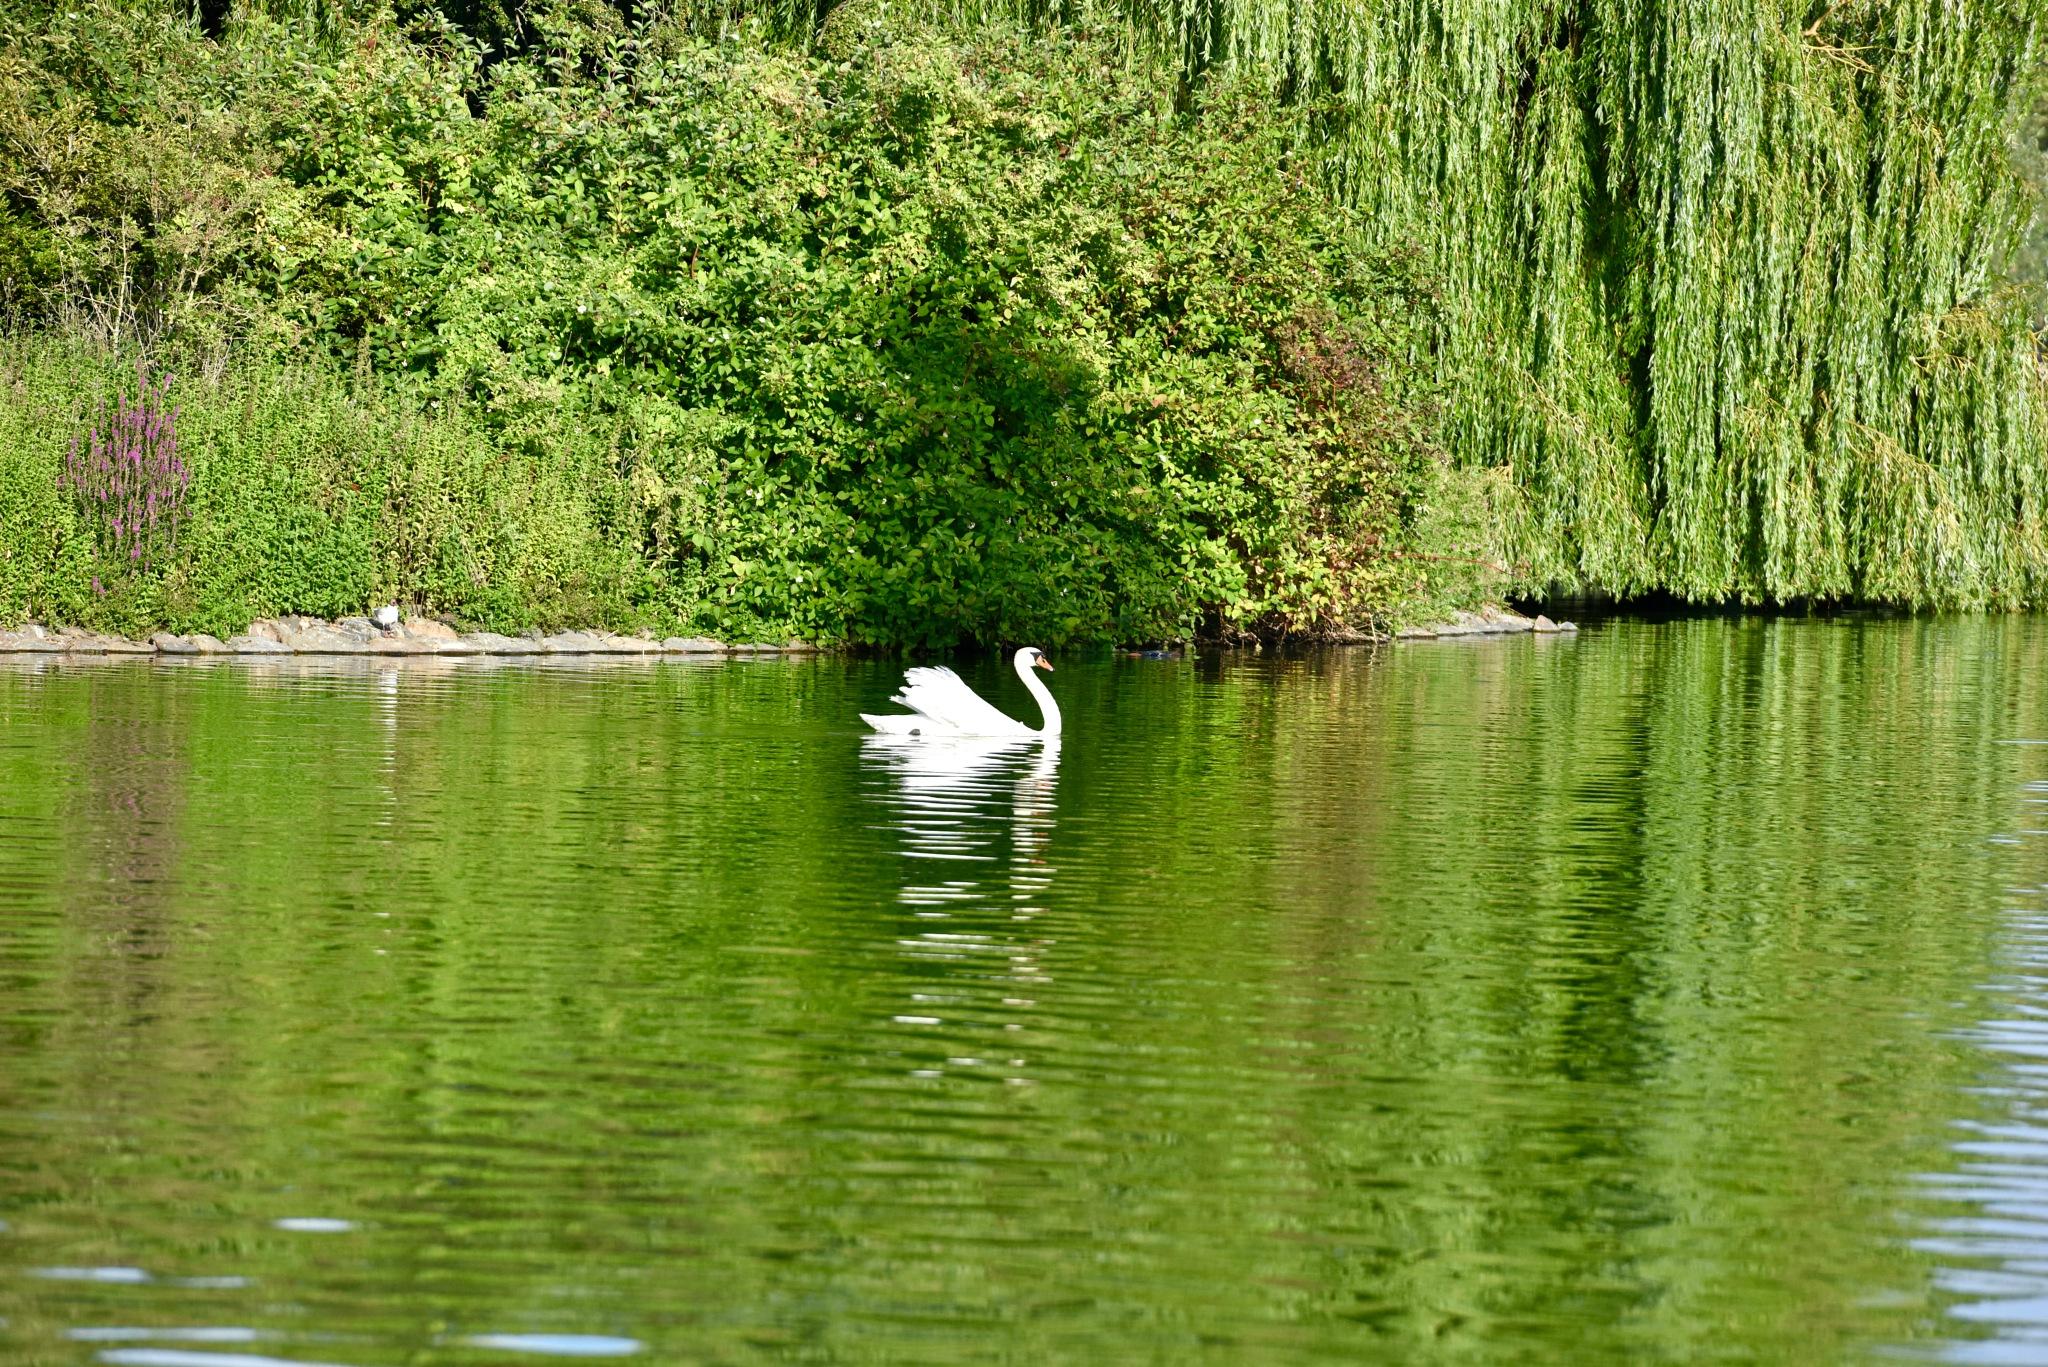 Swan 63! by Memed Bayatli